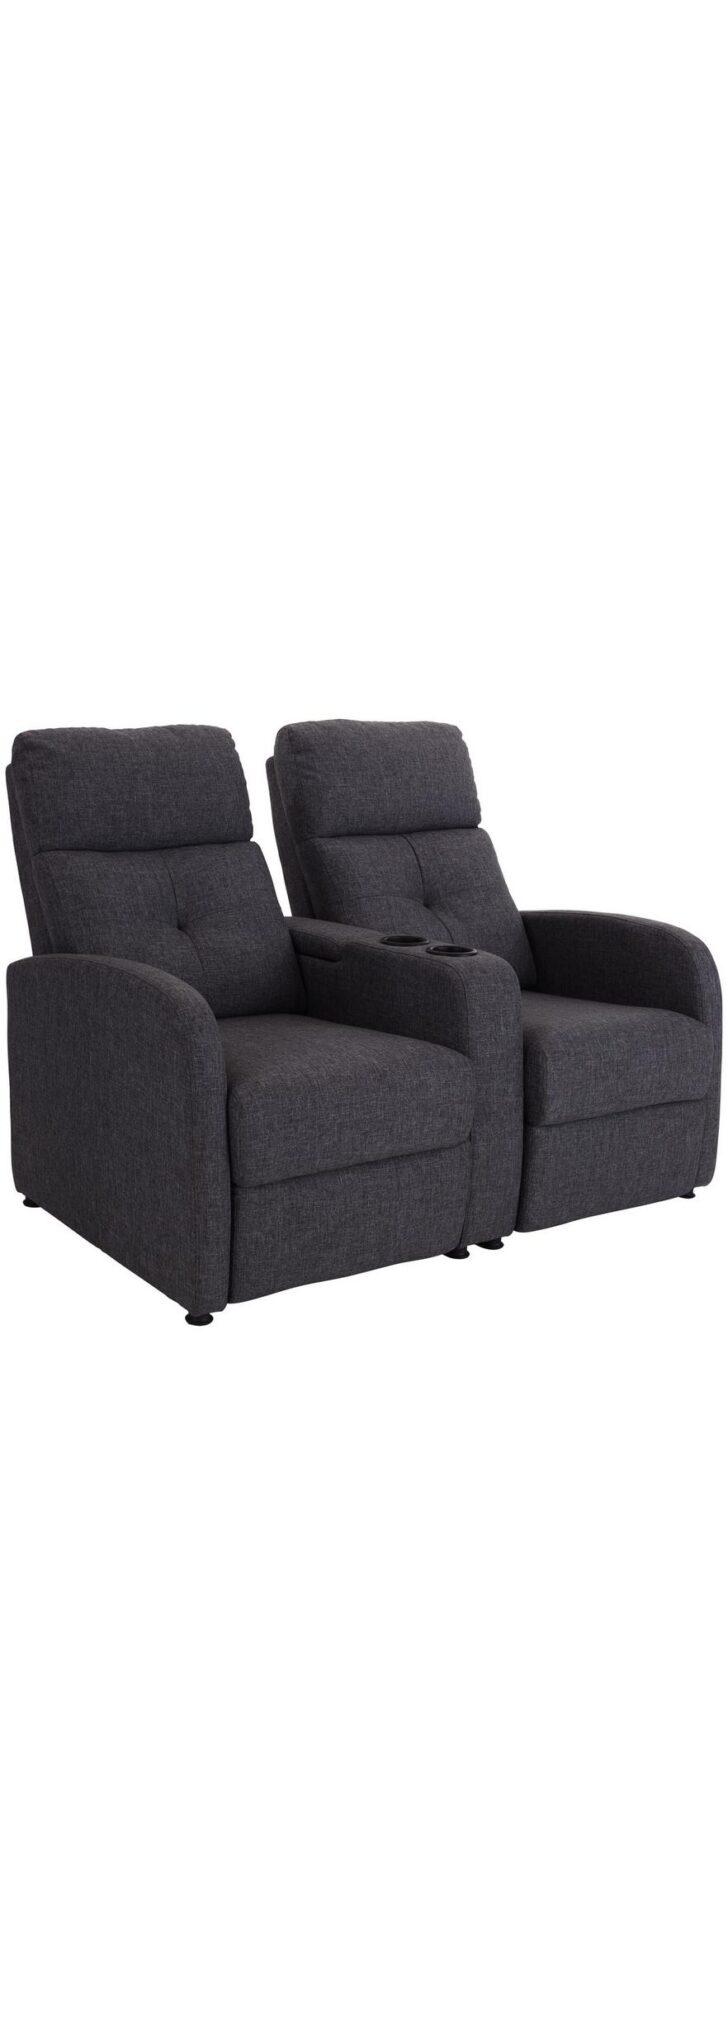 Medium Size of Relaxsofa Elektrisch Heimkino Sofa Musterring 3 Sitzer Elektrischer Relaxfunktion Elektrische Fußbodenheizung Bad Mit Sitztiefenverstellung Wohnzimmer Relaxsofa Elektrisch